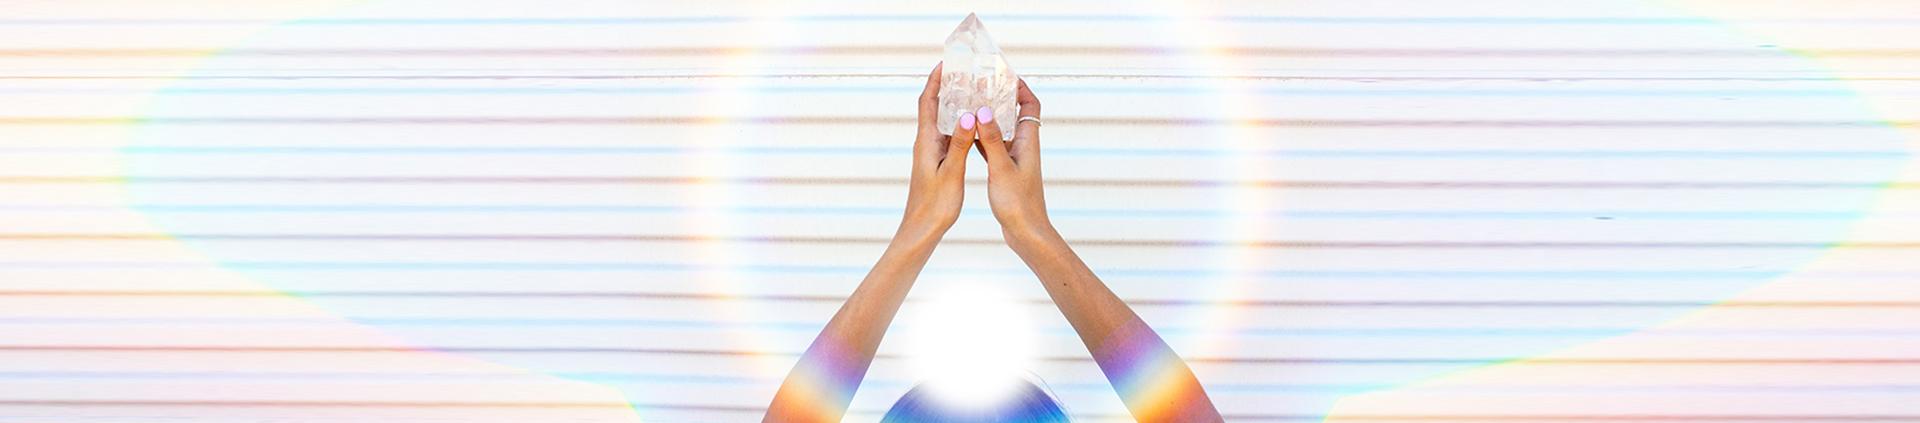 cristal dans les mains